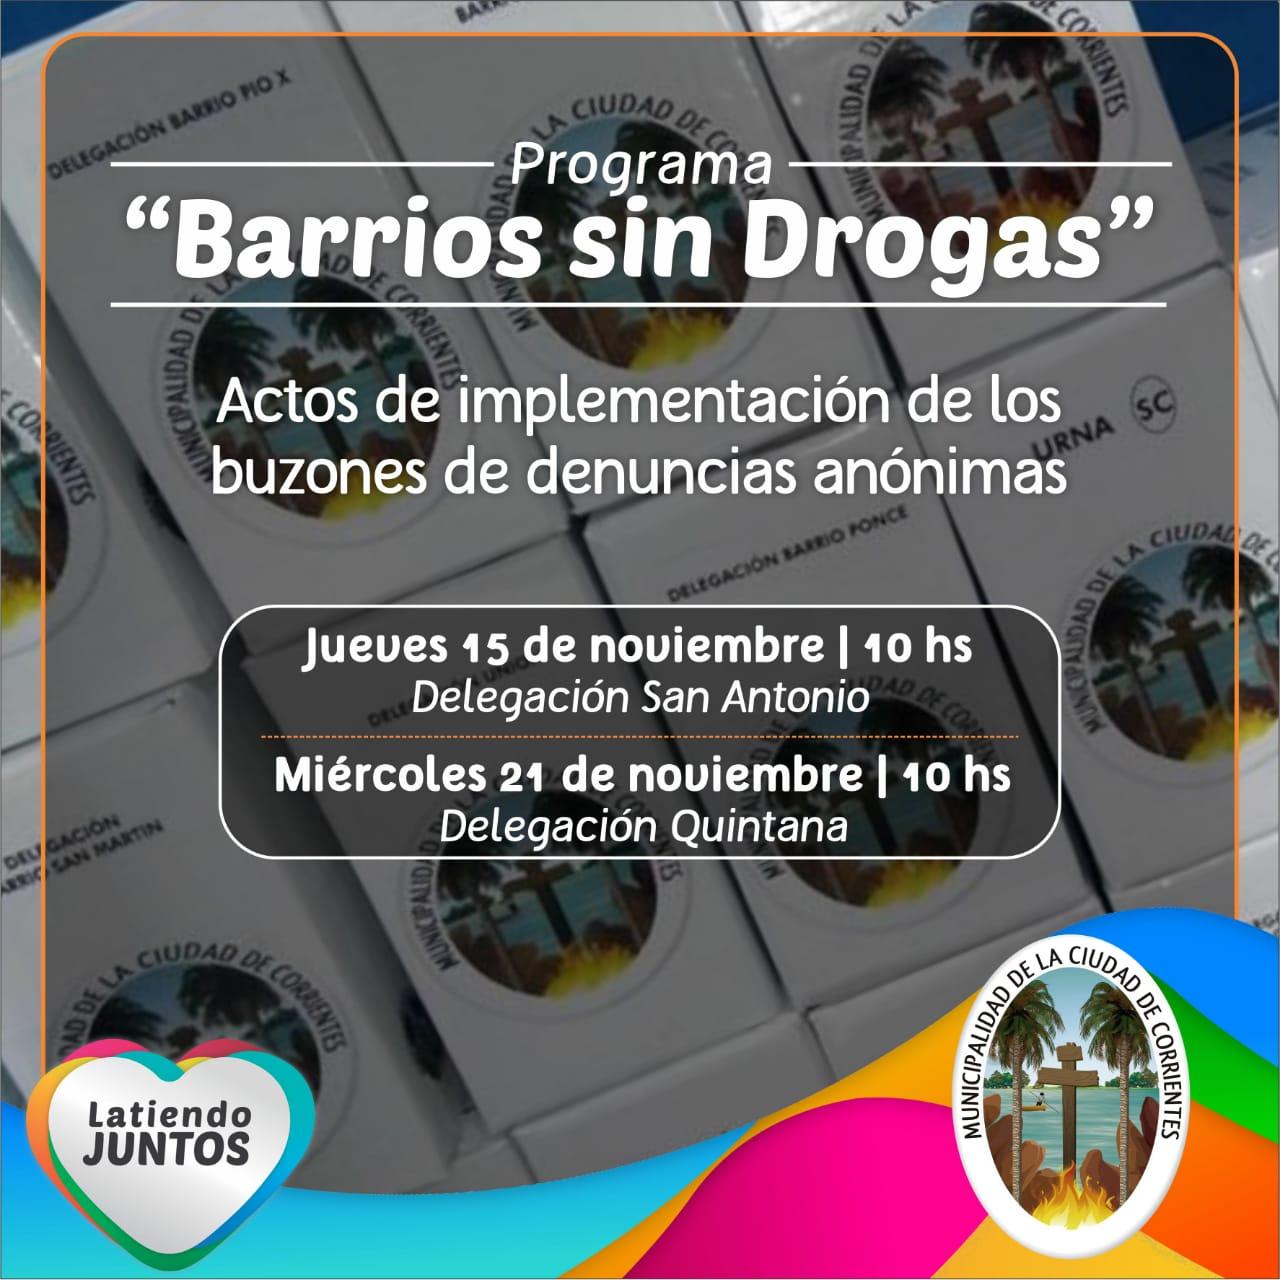 El programa Barrios sin drogas llega al barrio San Antonio Este